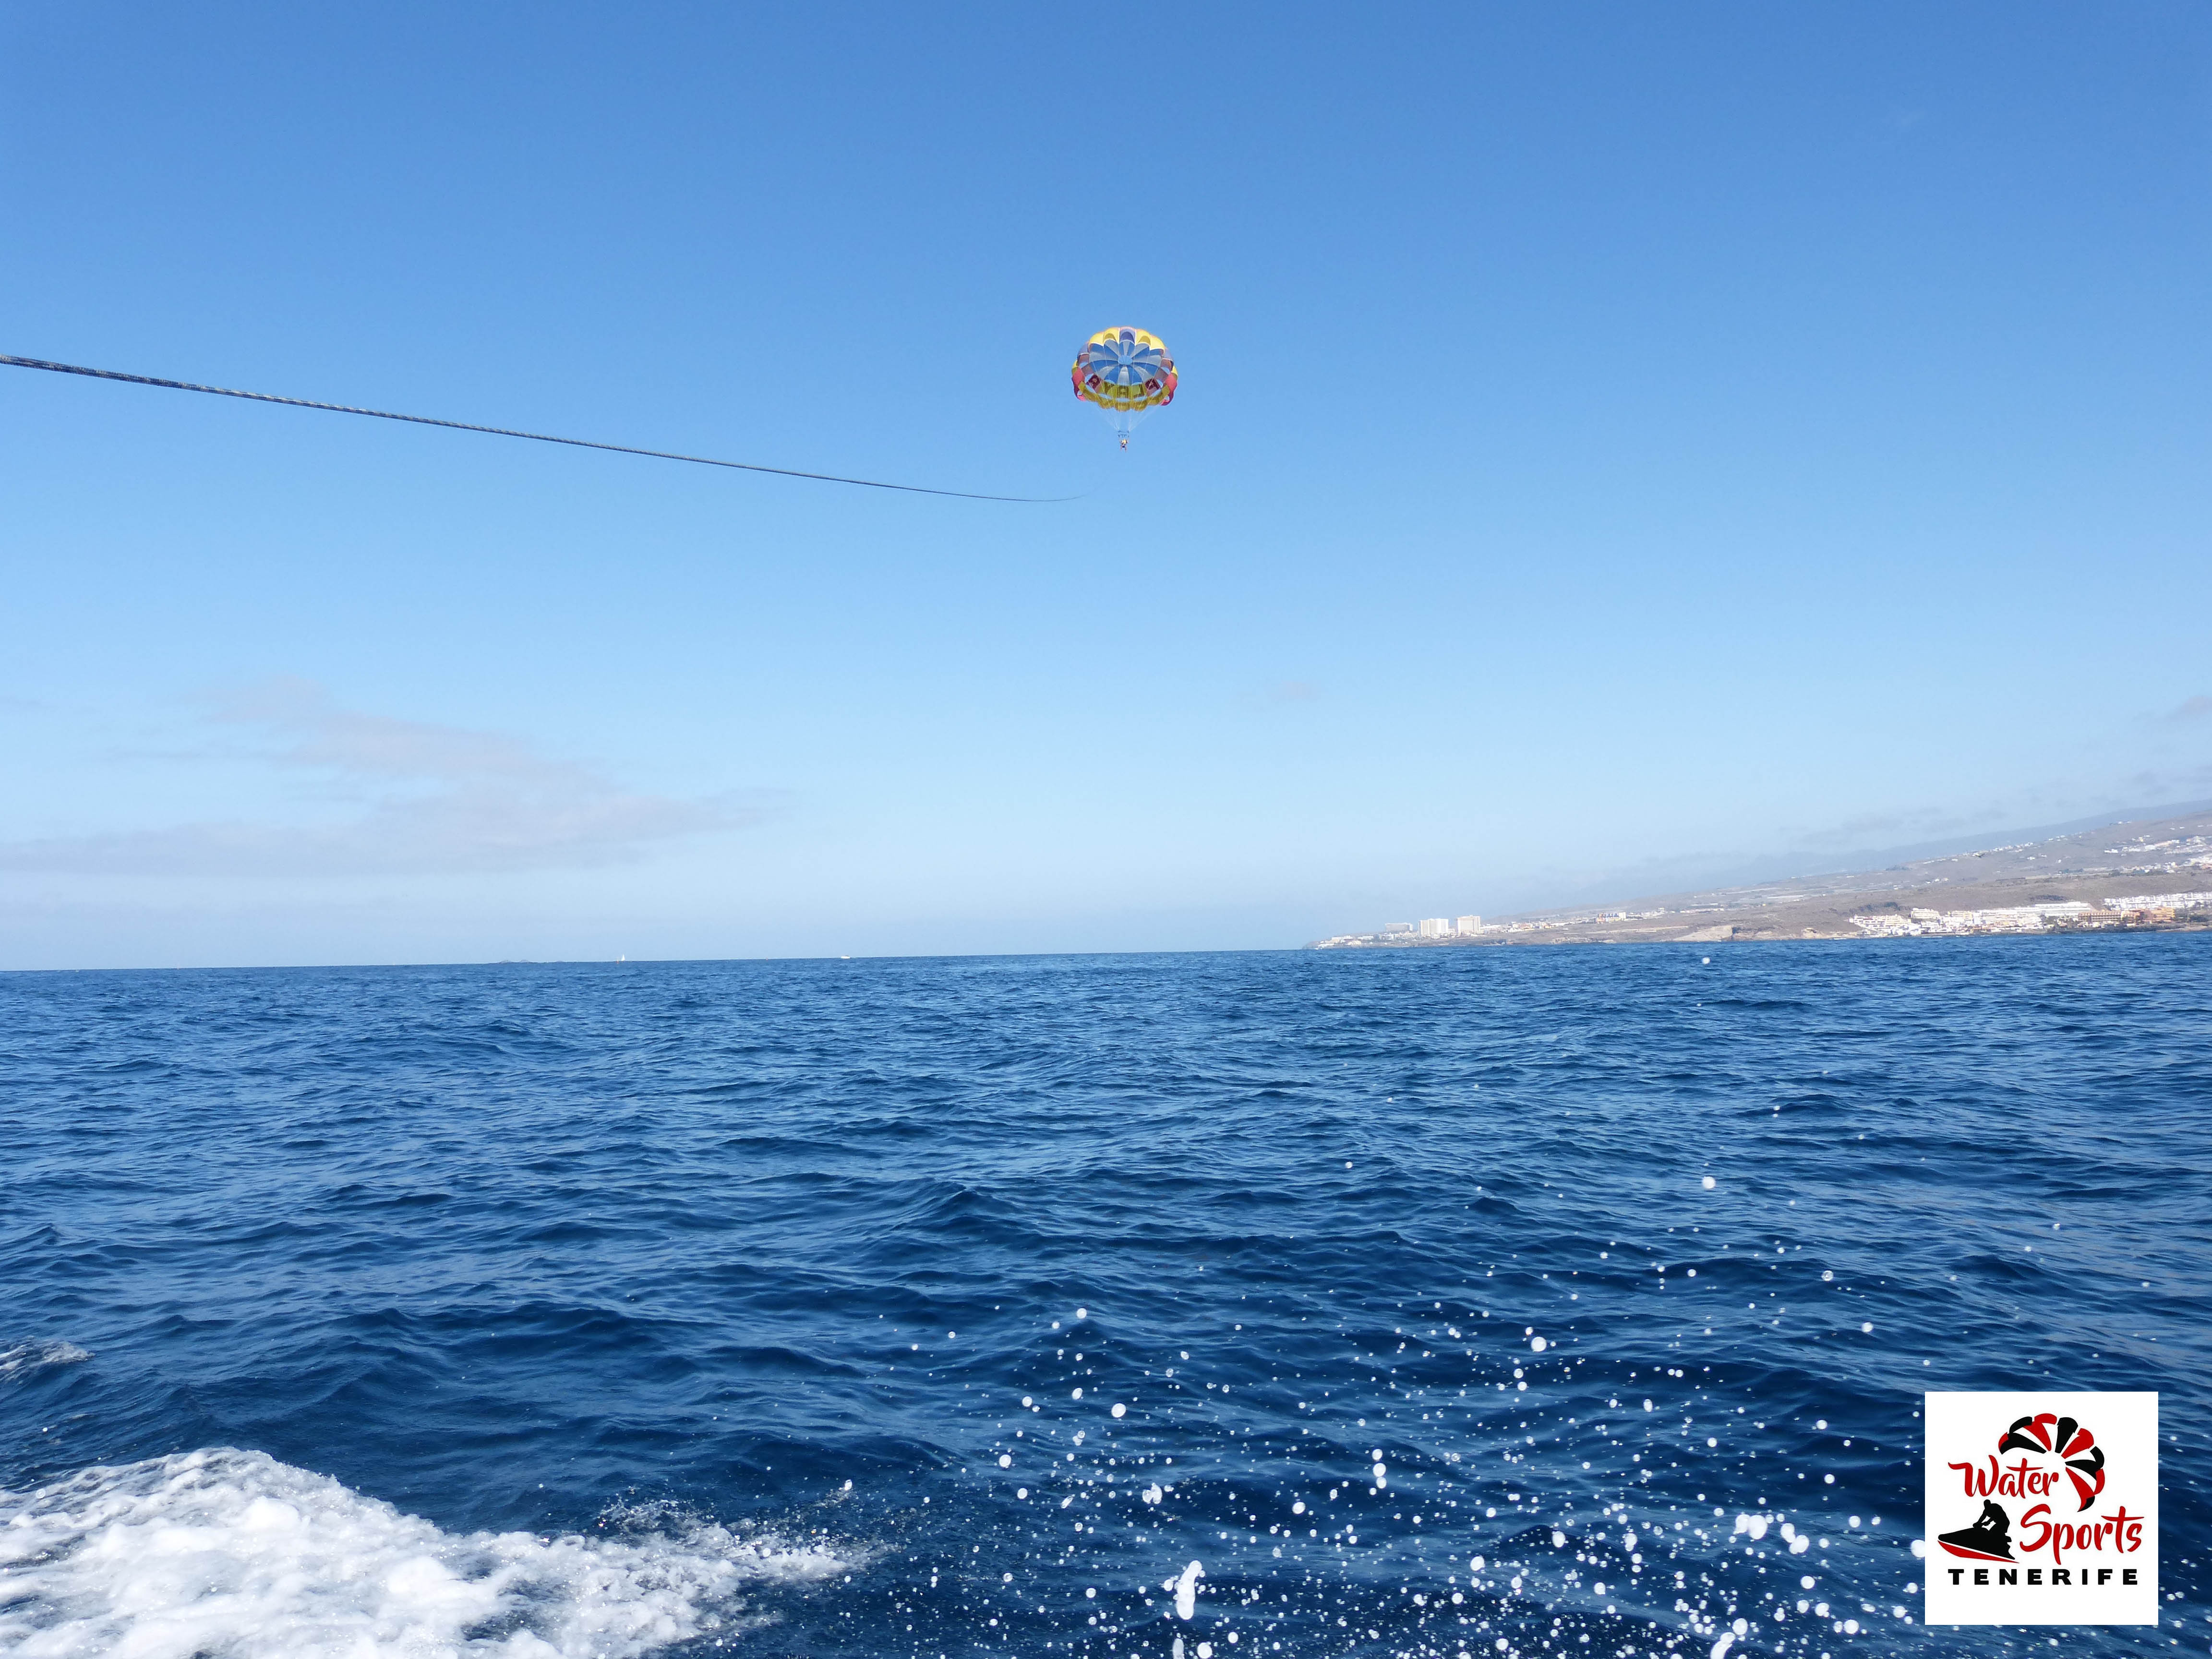 paracaidismo watersport el medano